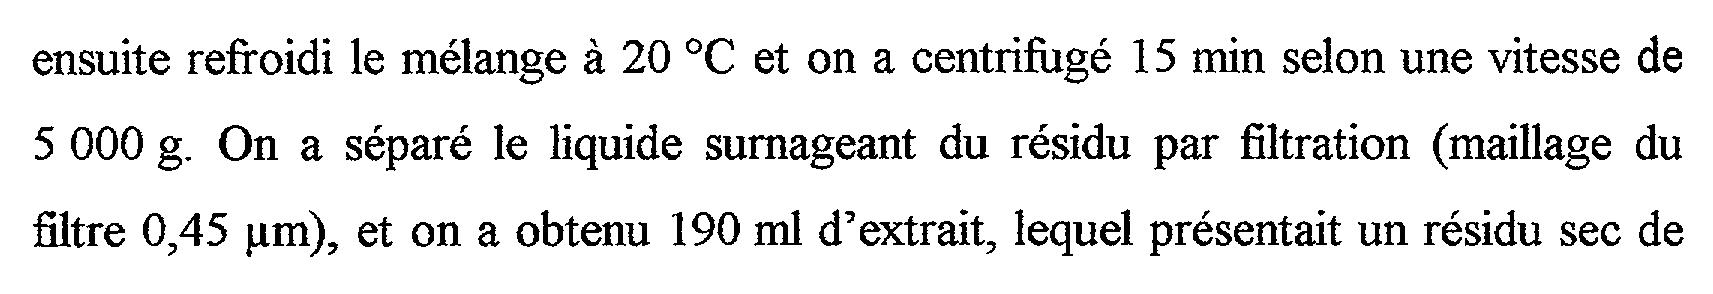 Figure img00350002